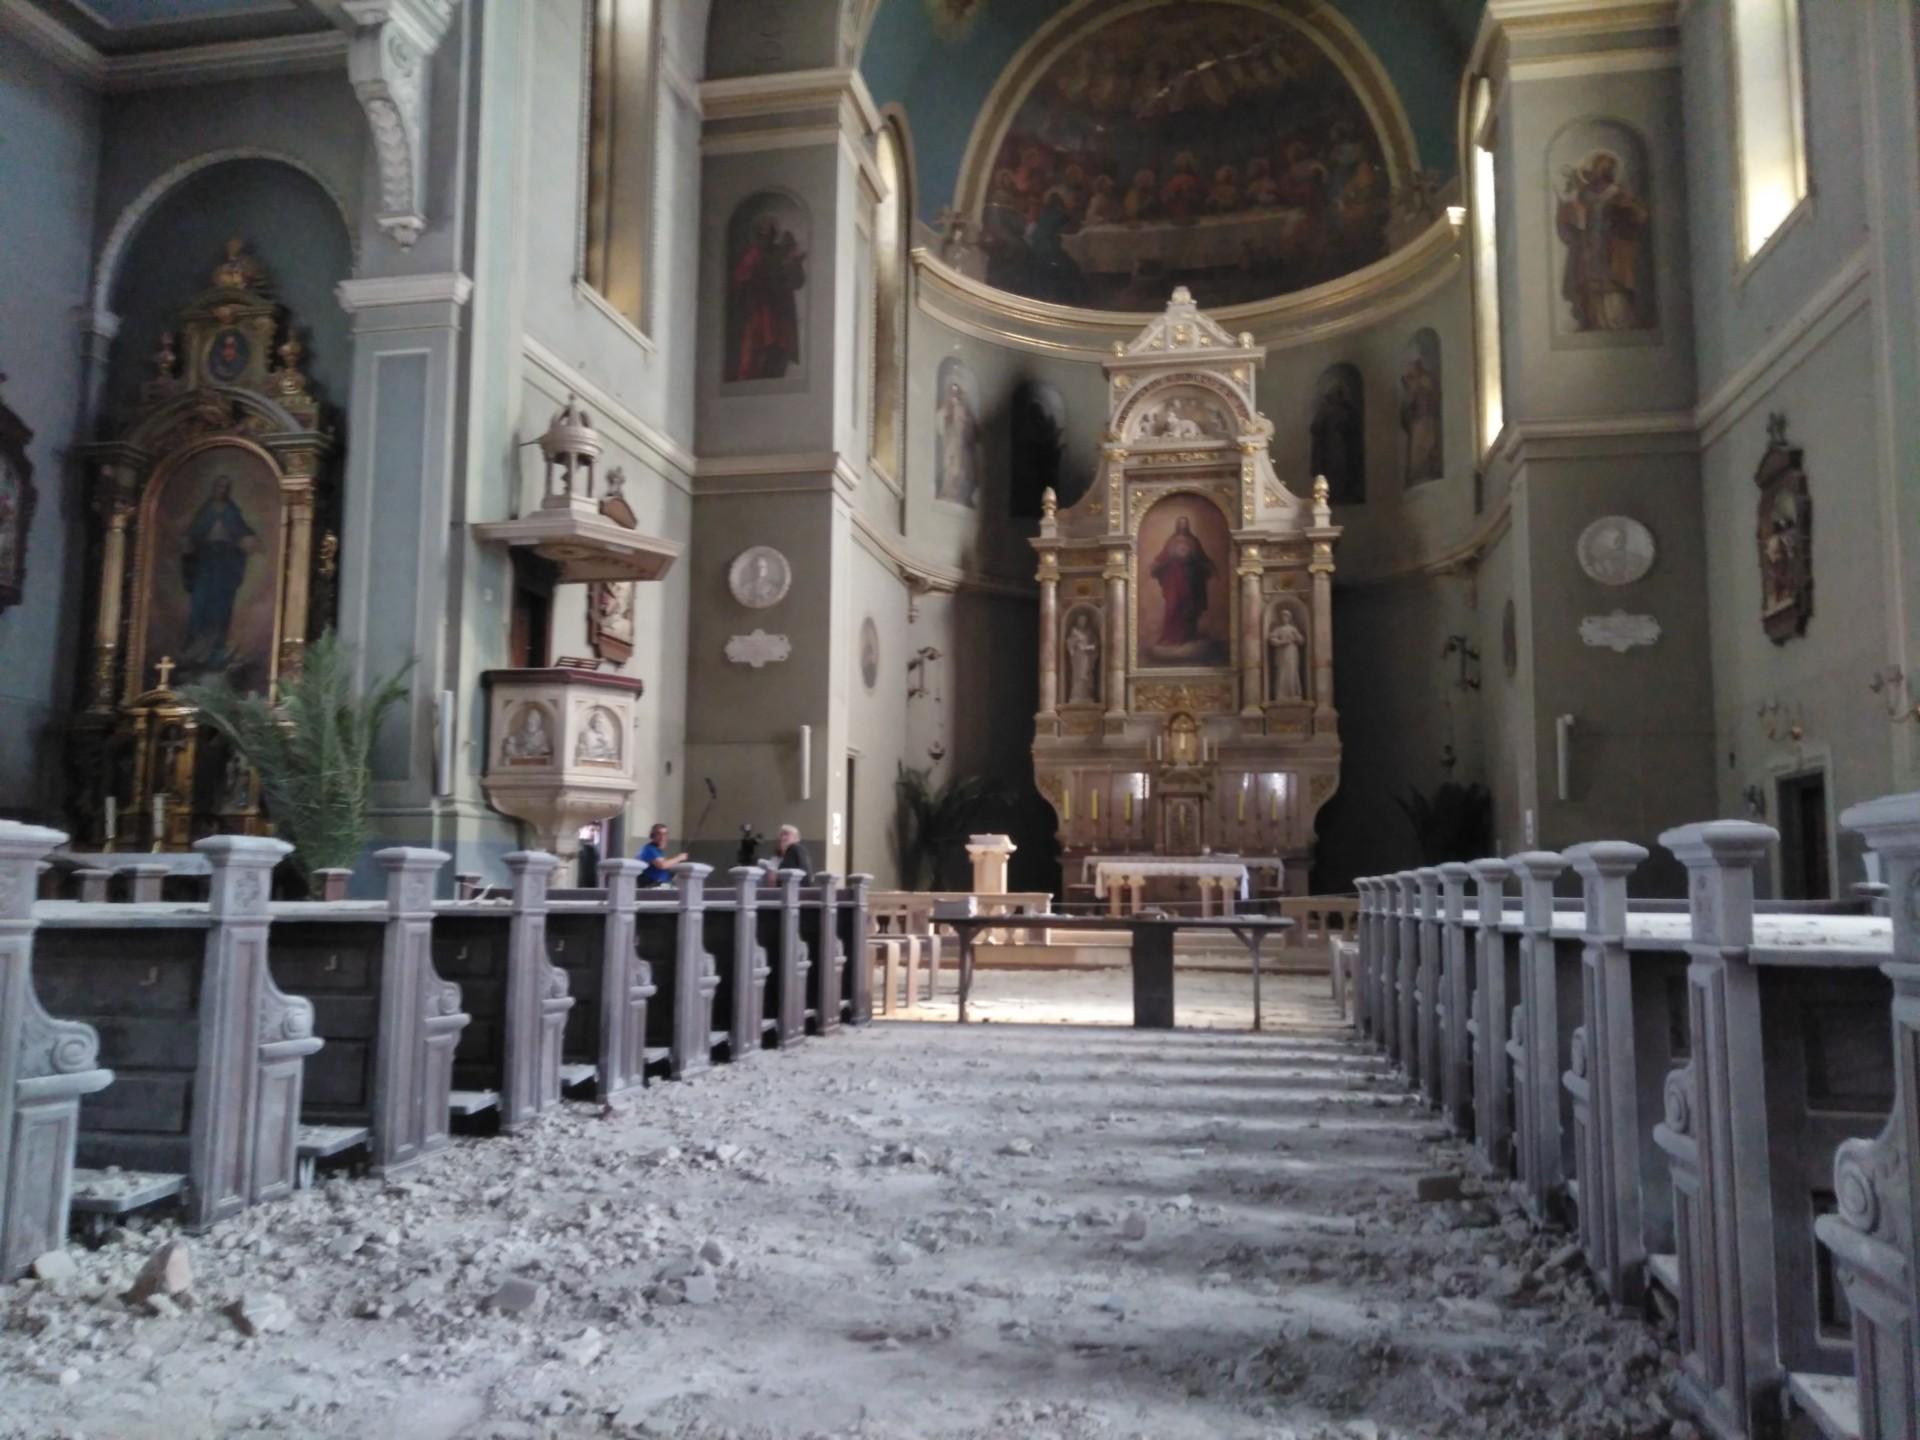 Nasa Bazilika Ce Opet Biti Sjajna I Obnovljena Ako Ne Za Krace